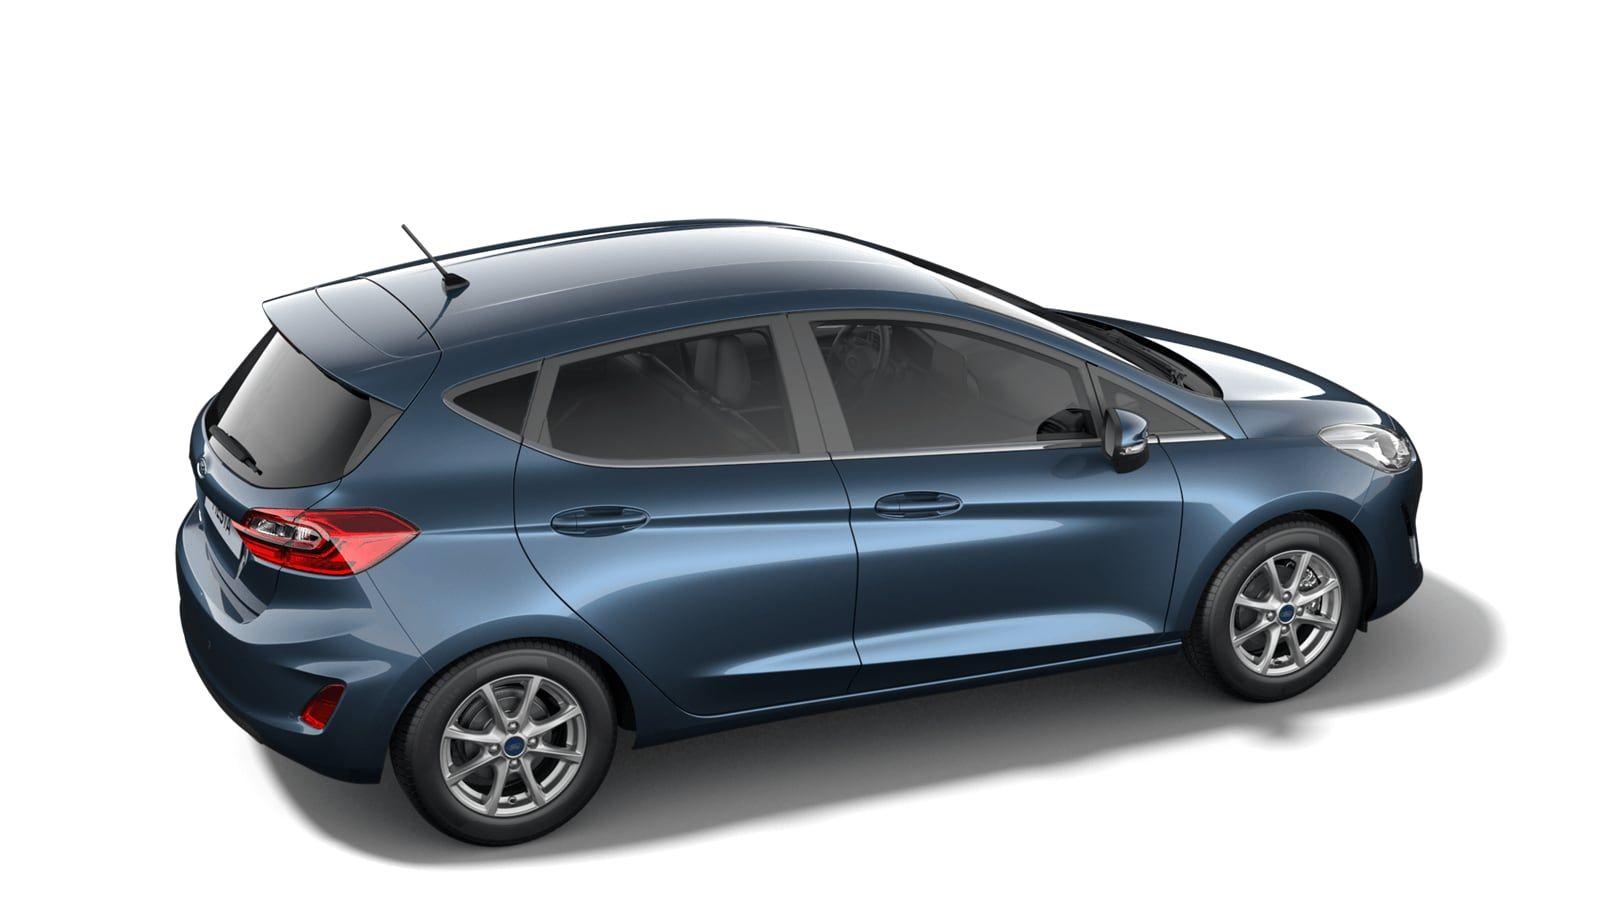 """Nieuw Ford All-new ford fiesta Titanium 1.0i EcBoost 95pk / 70kW M6 5d JKC - Metaalkleur """"Chrome Blue"""" 2"""